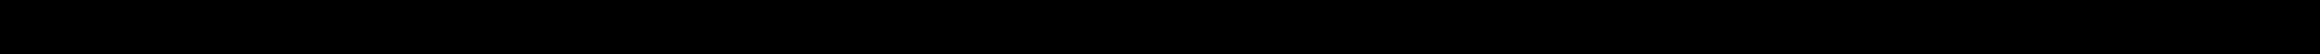 BILSTEIN BNE-B870, 30616683, 30618110, 30618111, 30623886 Амортисьор